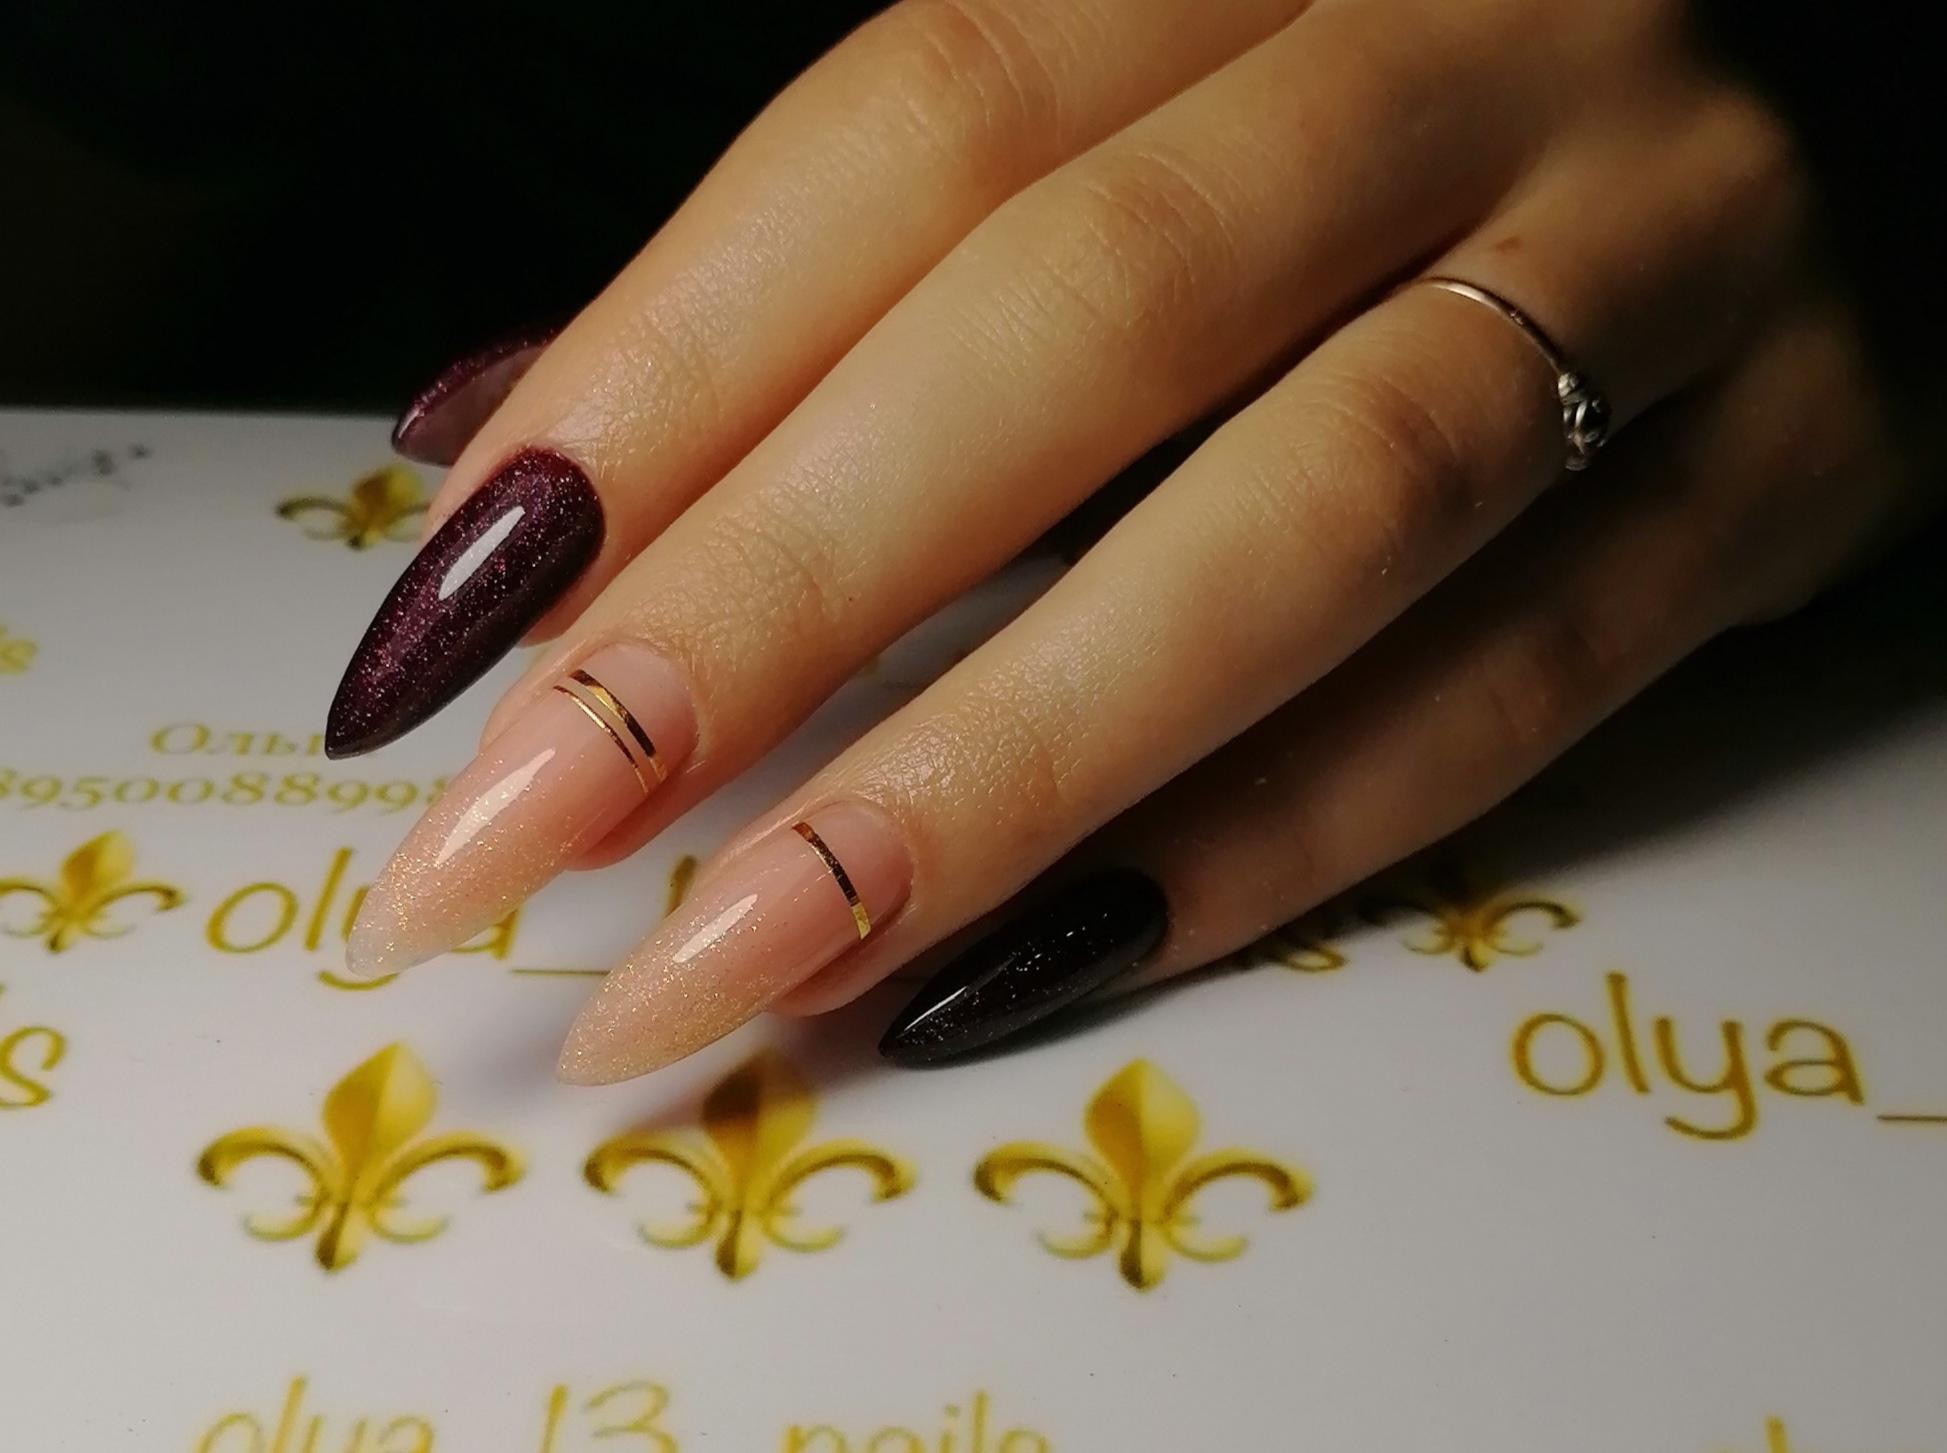 Маникюр с нюдовым дизайном, золотыми полосками и блестками в баклажановом цвете на длинные ногти.